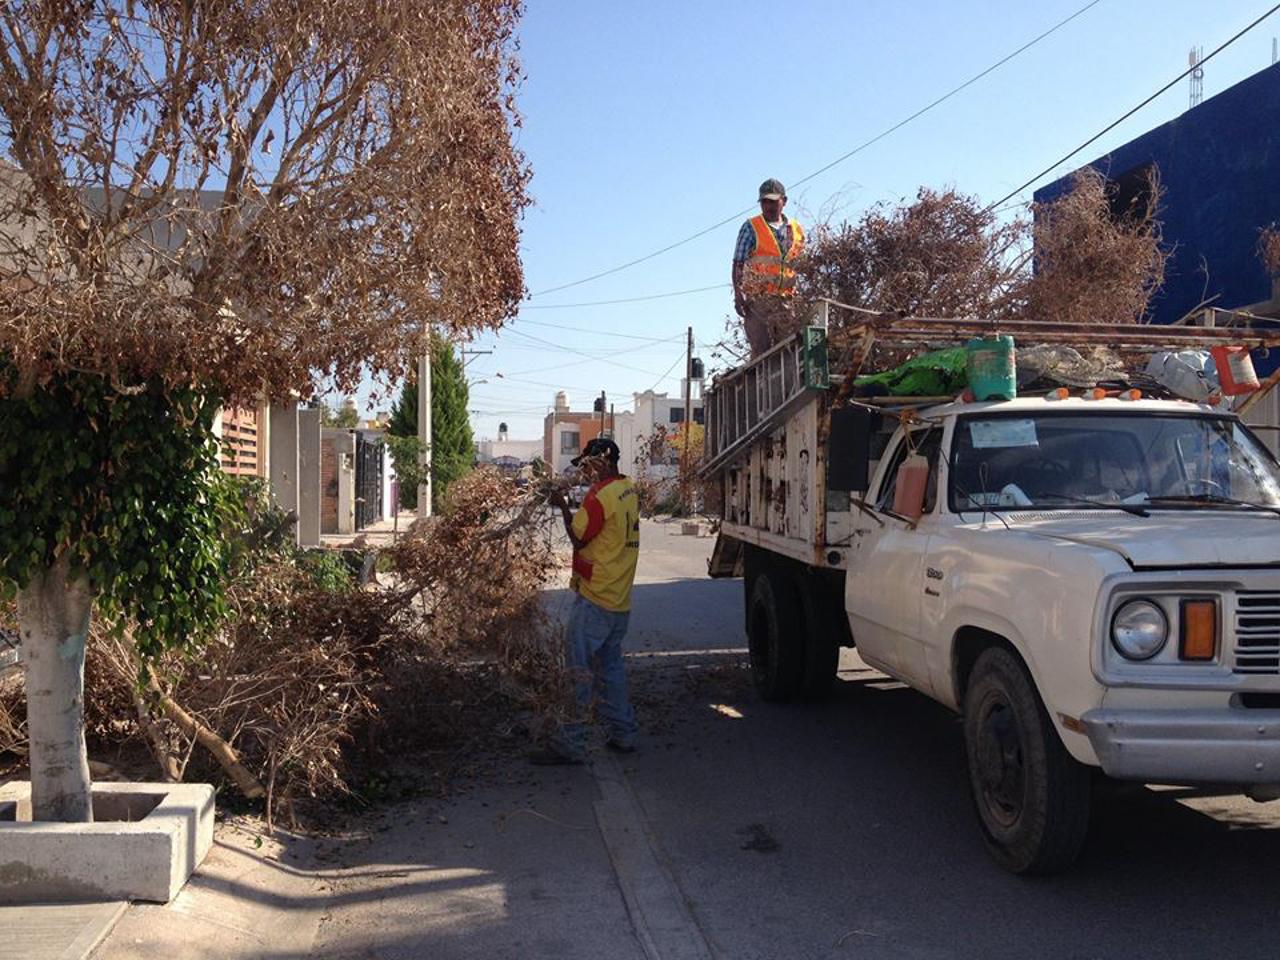 Continúa el mantenimiento diario de infraestructura urbana en Soledad